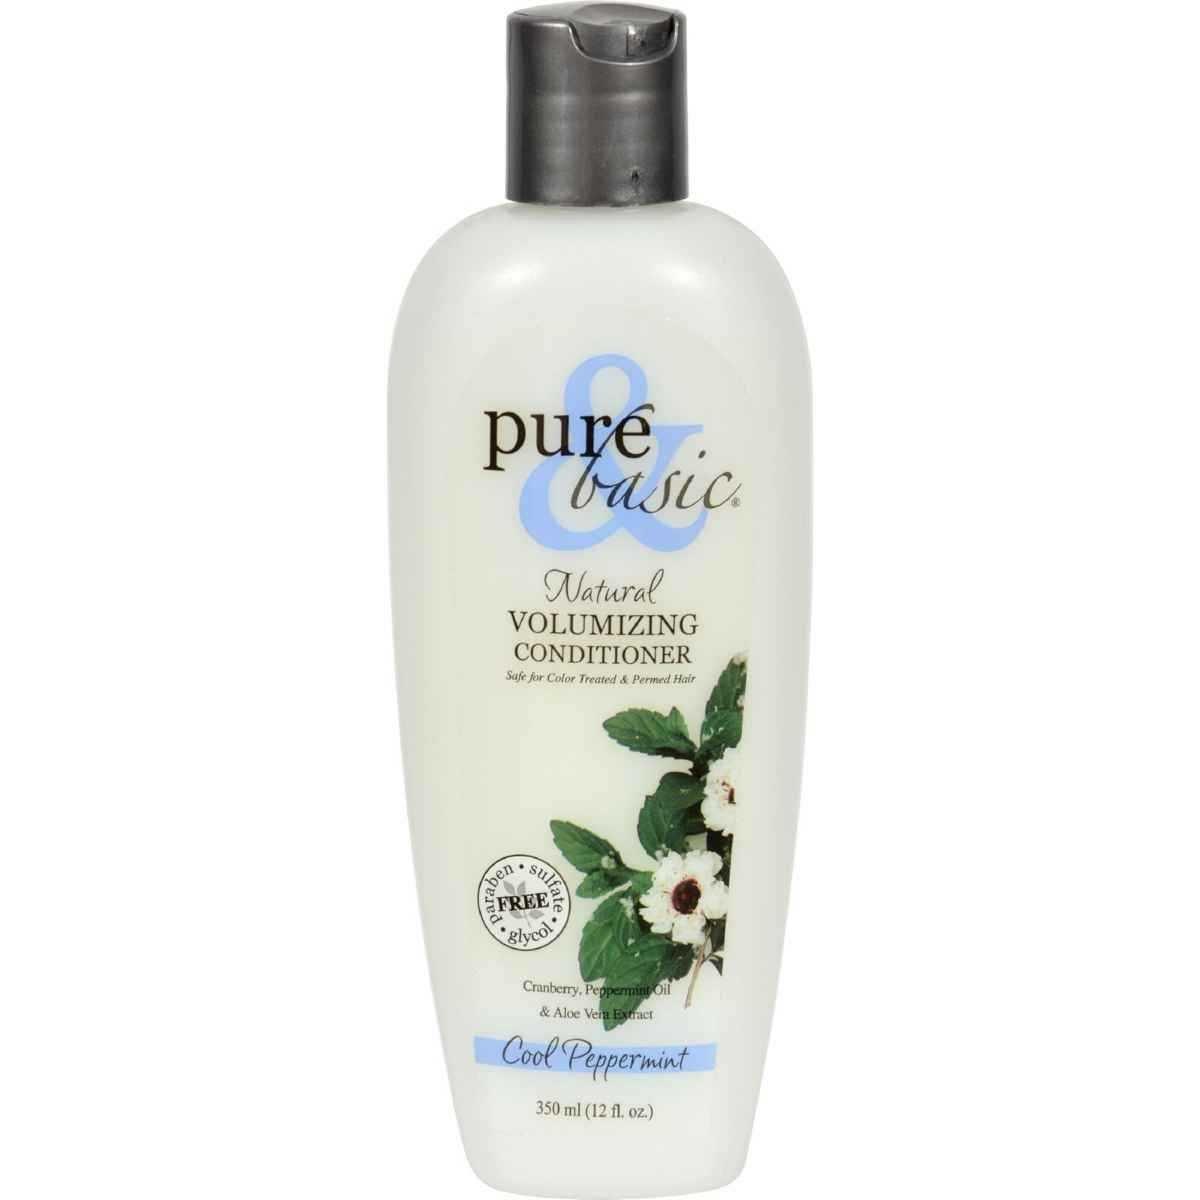 Pure and basic shampoo